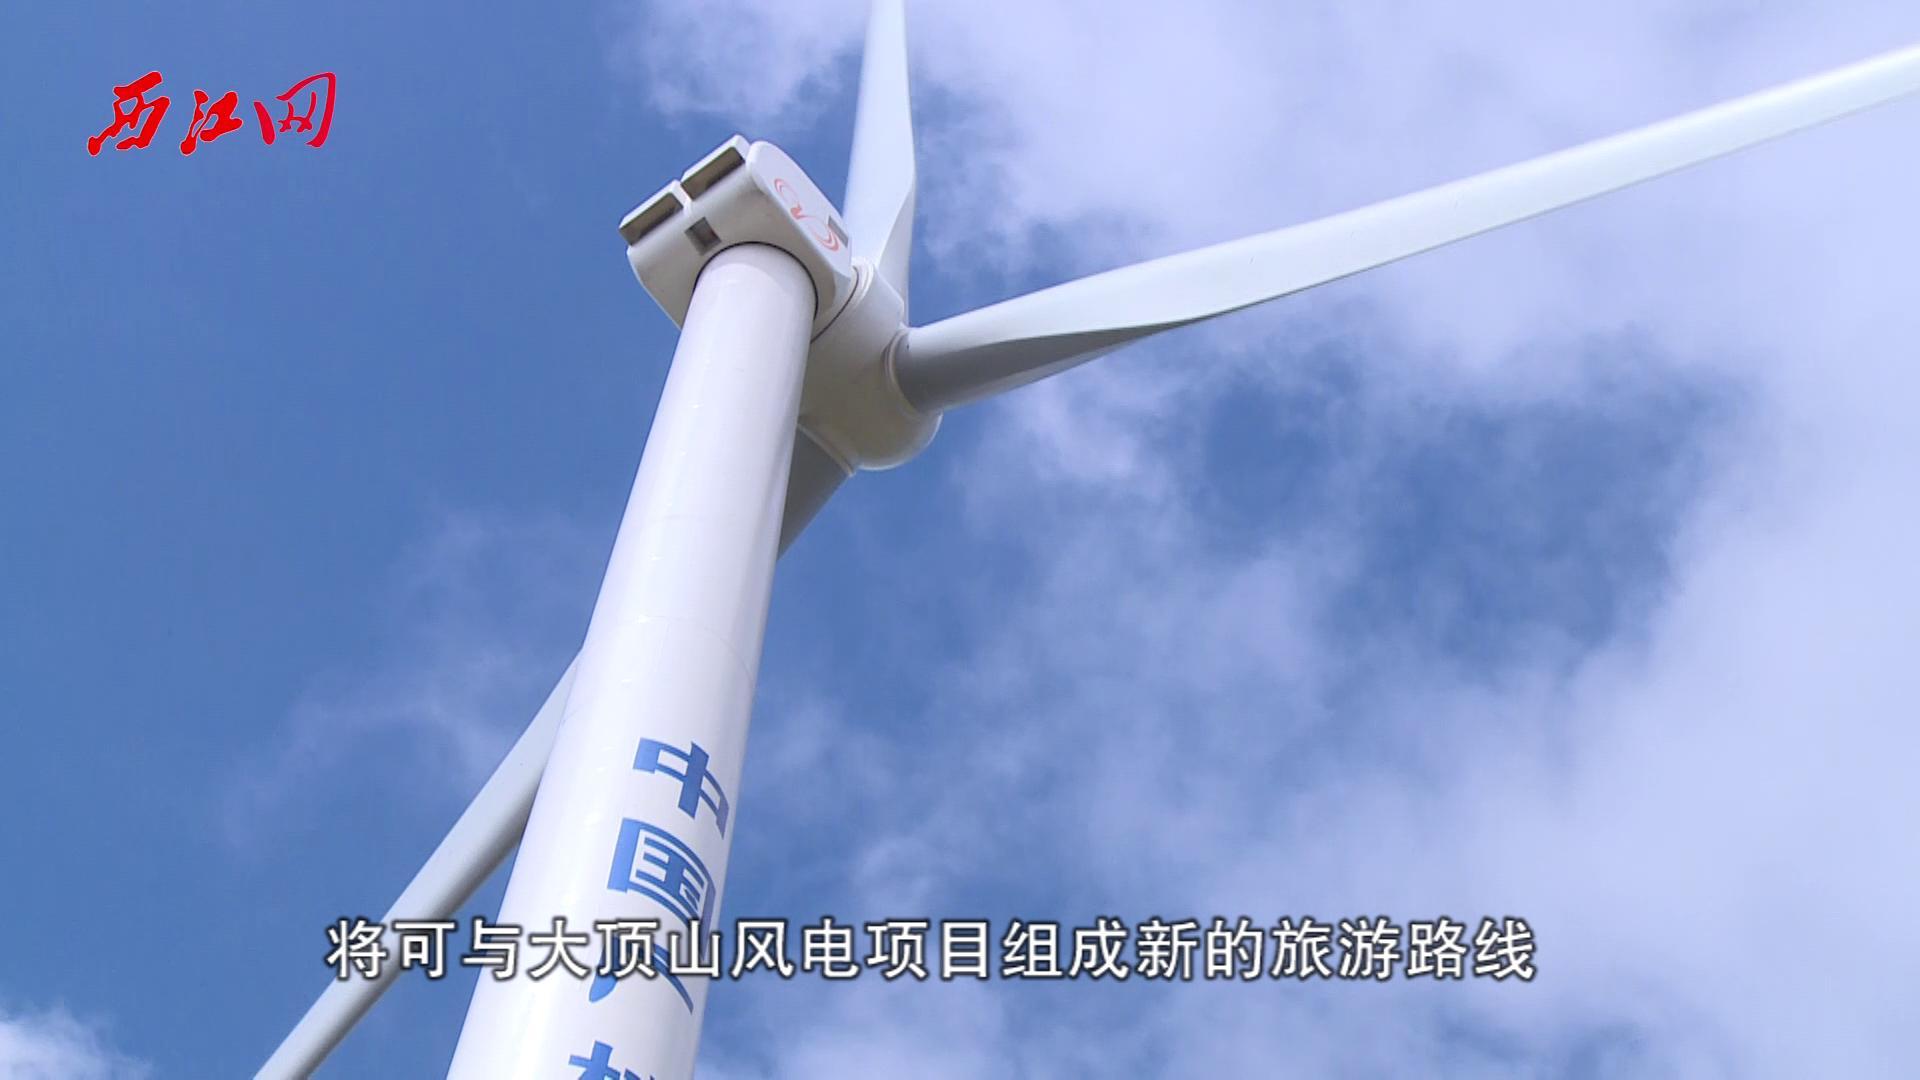 中广核肇庆德庆大顶山风电场项目进展良好,预计12月初可全面投入使用